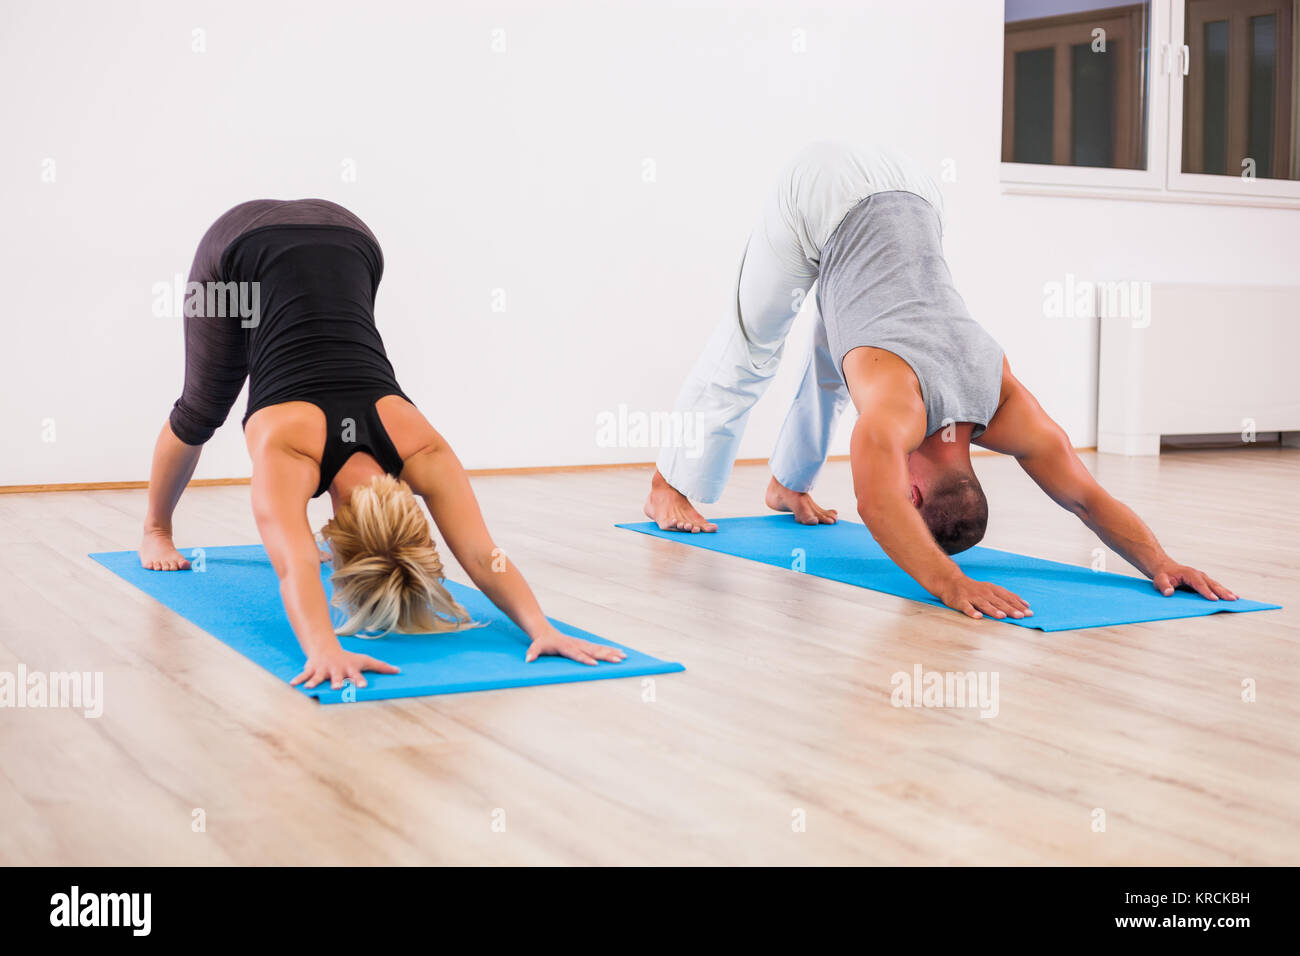 Nach Mann und Frau praktizieren von Yoga, svanasana/Nach unten schauender Hund darstellen Stockbild